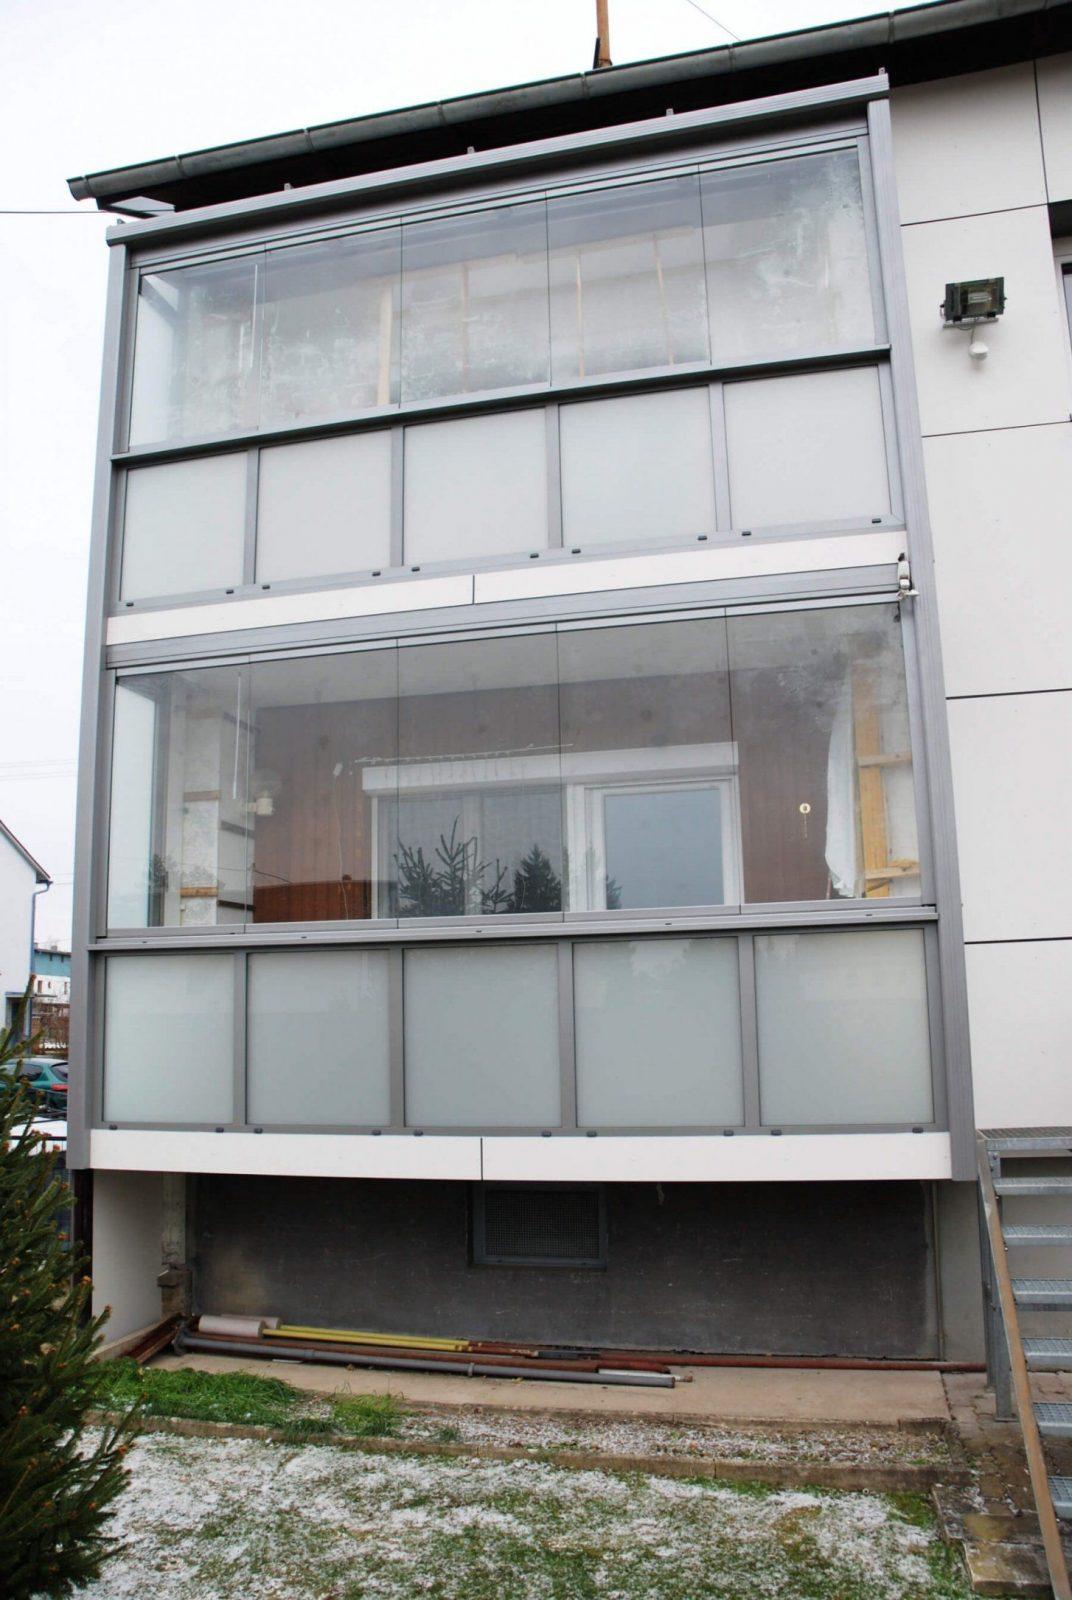 Schön Windschutz Terrasse Transparent Beautiful Ohne Rahmen With Für von Sichtschutz Balkon Seitlich Ohne Bohren Bild